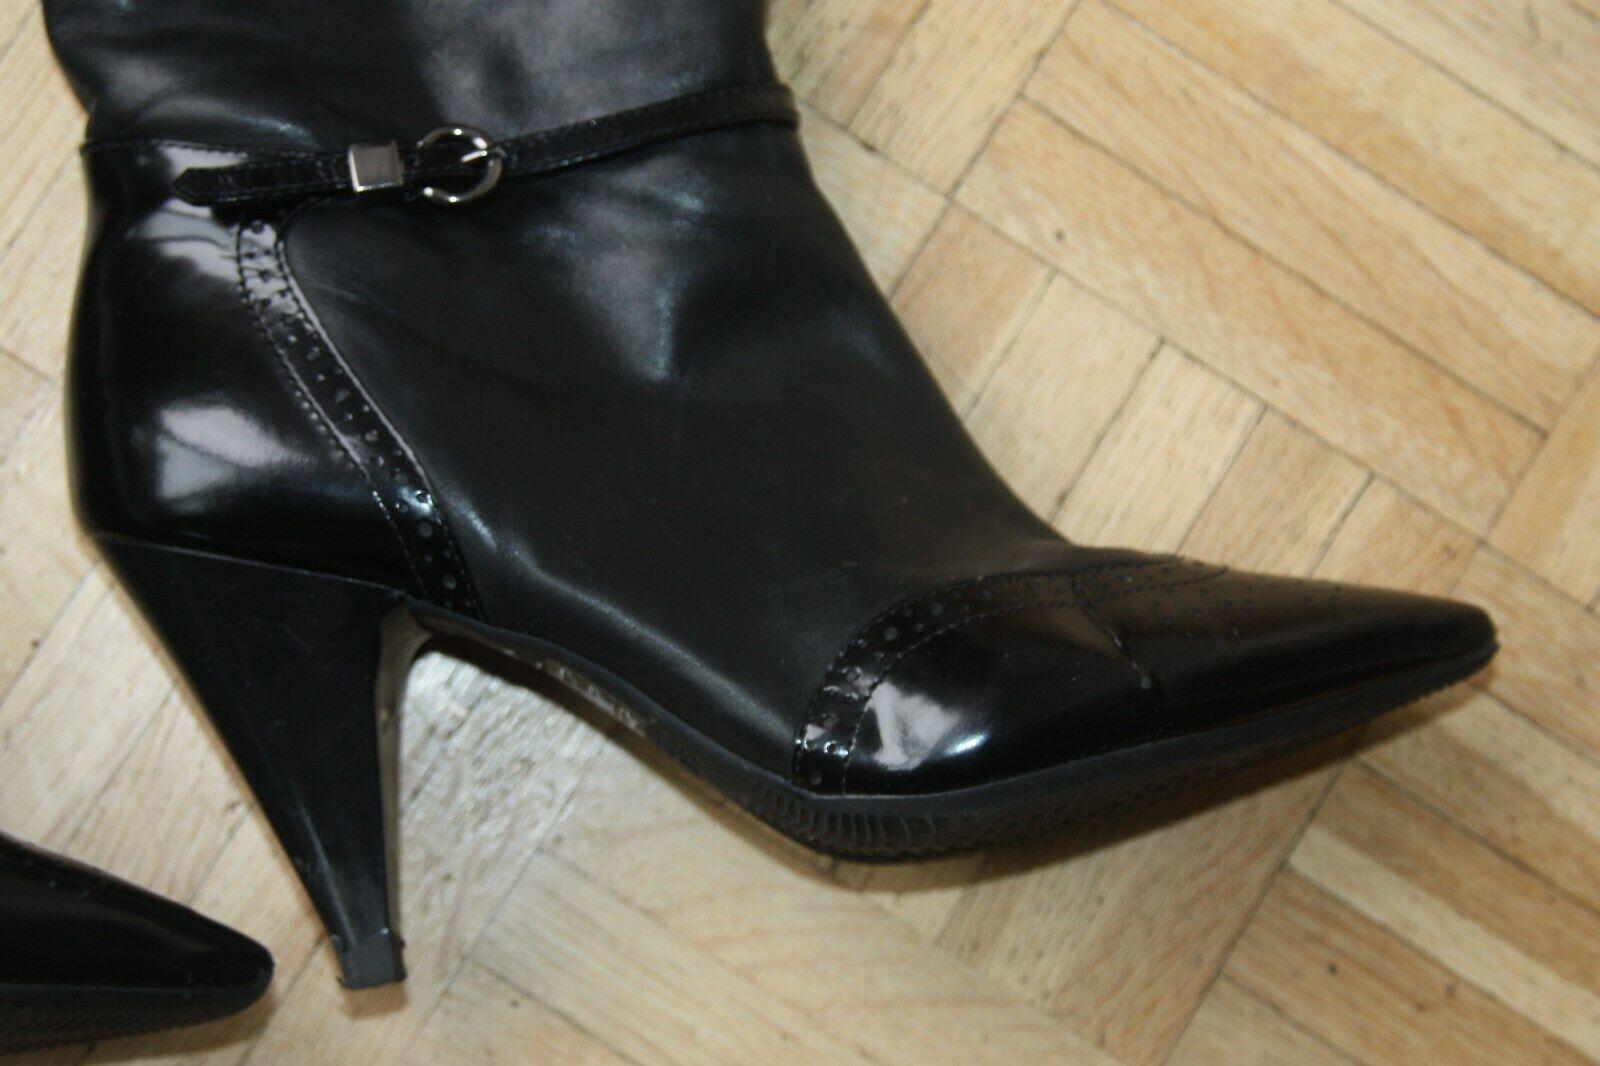 Stiefel schwarz - GEOX - Lack und Rindsleder - Budapester 38